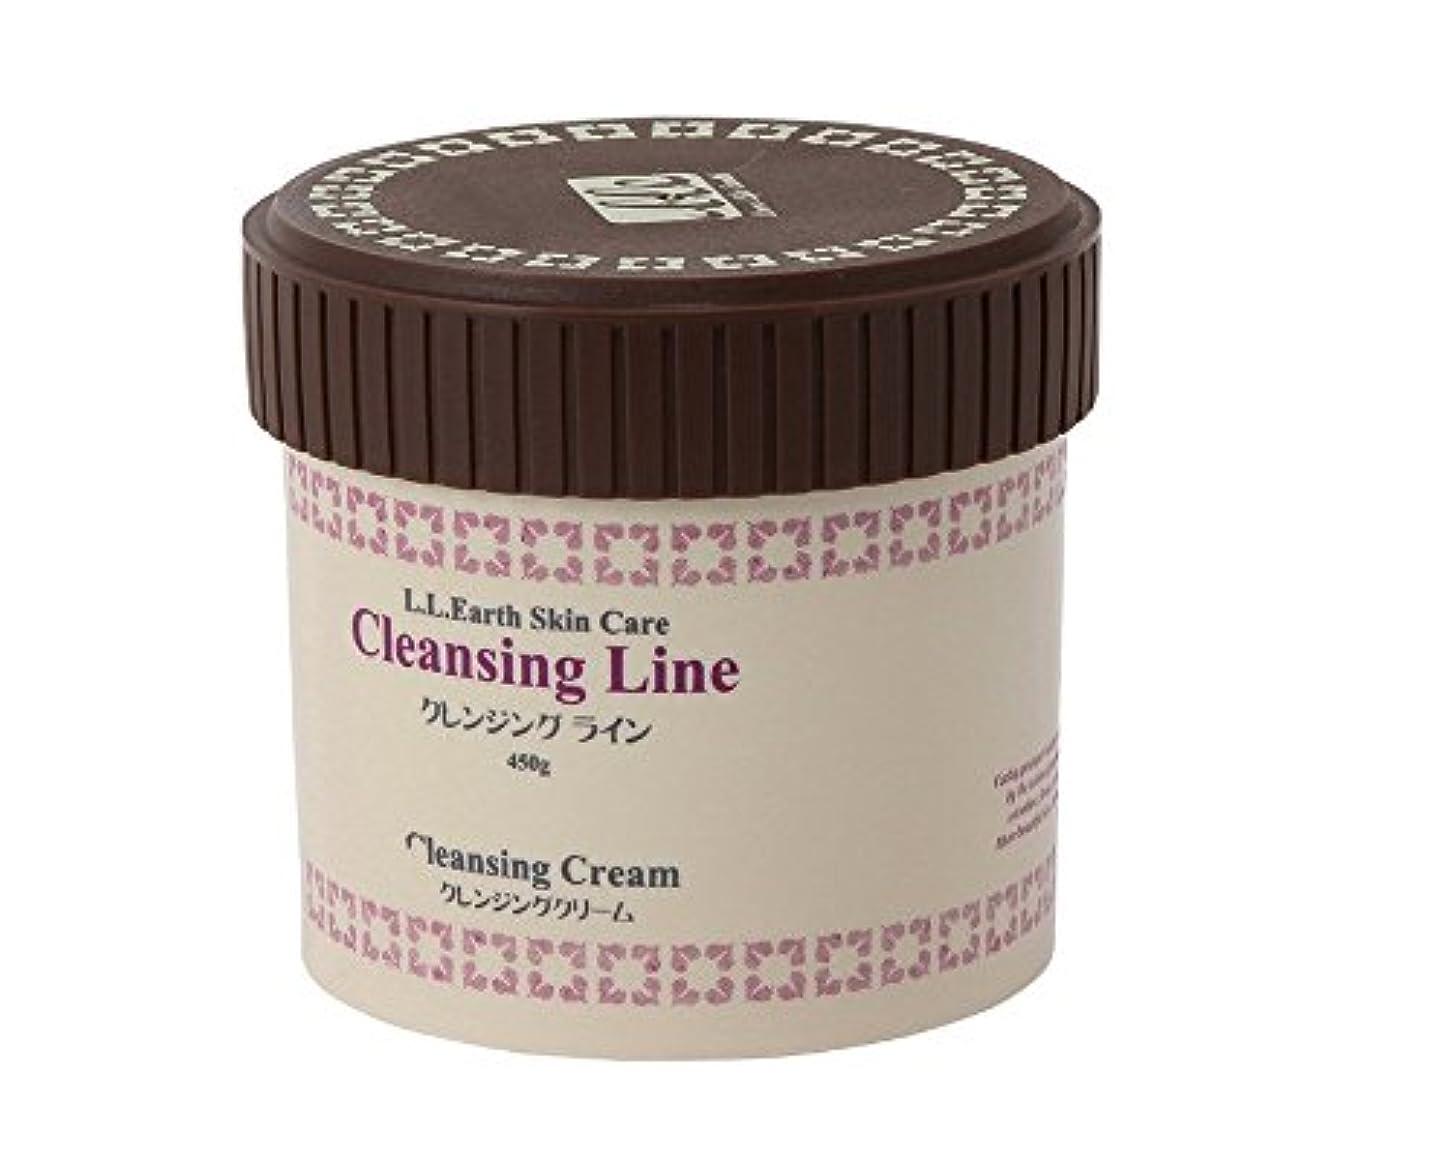 ラック慣れるチャートLLE 業務用 クレンジングクリーム 450g ( メイク落とし 拭き取り?洗い流し両用 ) C